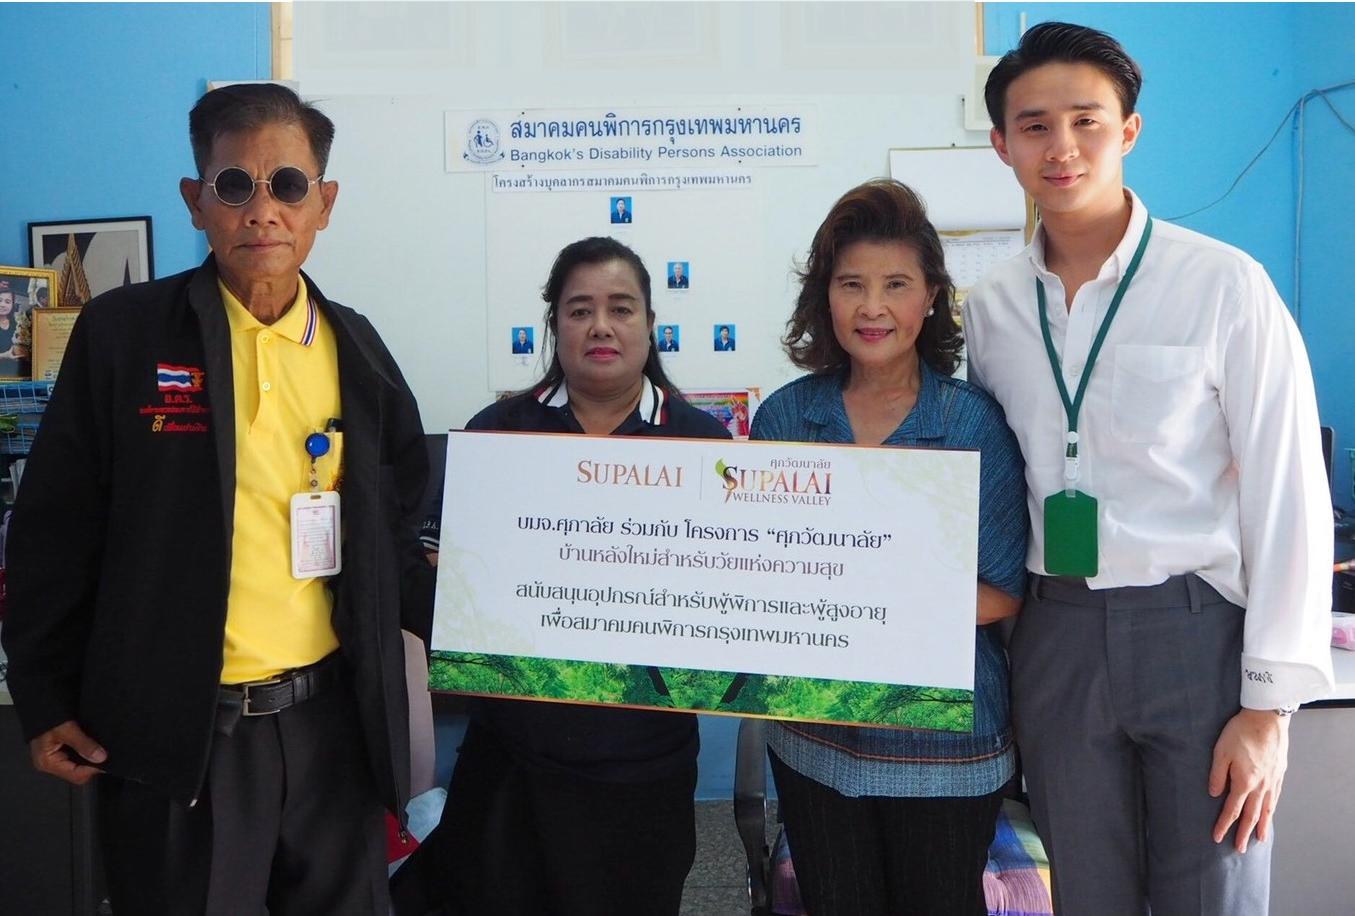 ภาพข่าว: ศุภาลัย ส่งมอบอุปกรณ์สำหรับคนพิการและผู้สูงอายุ แก่สมาคมคนพิการกรุงเทพมหานคร